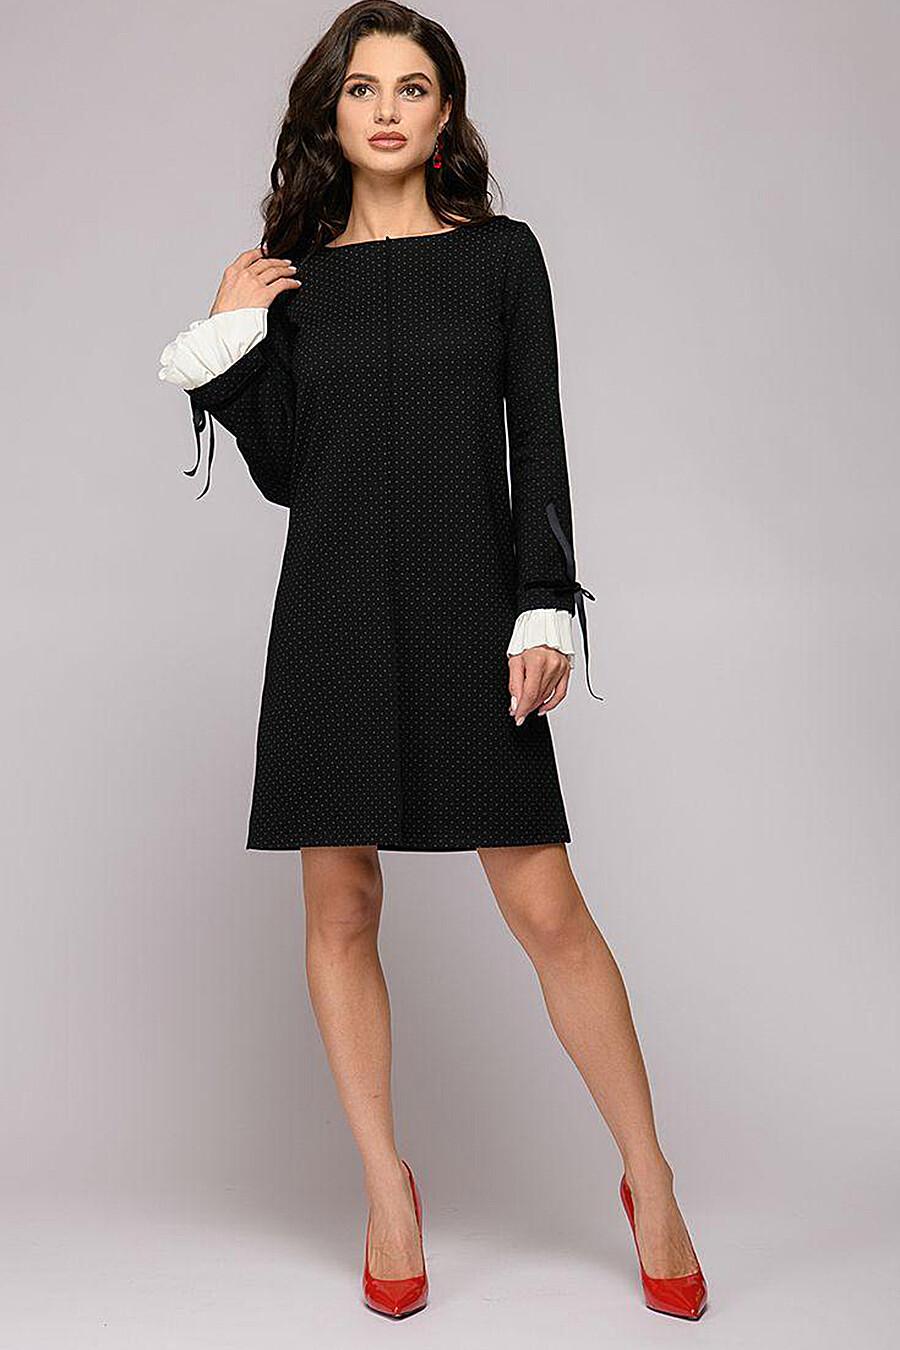 Платье для женщин 1001 DRESS 131172 купить оптом от производителя. Совместная покупка женской одежды в OptMoyo